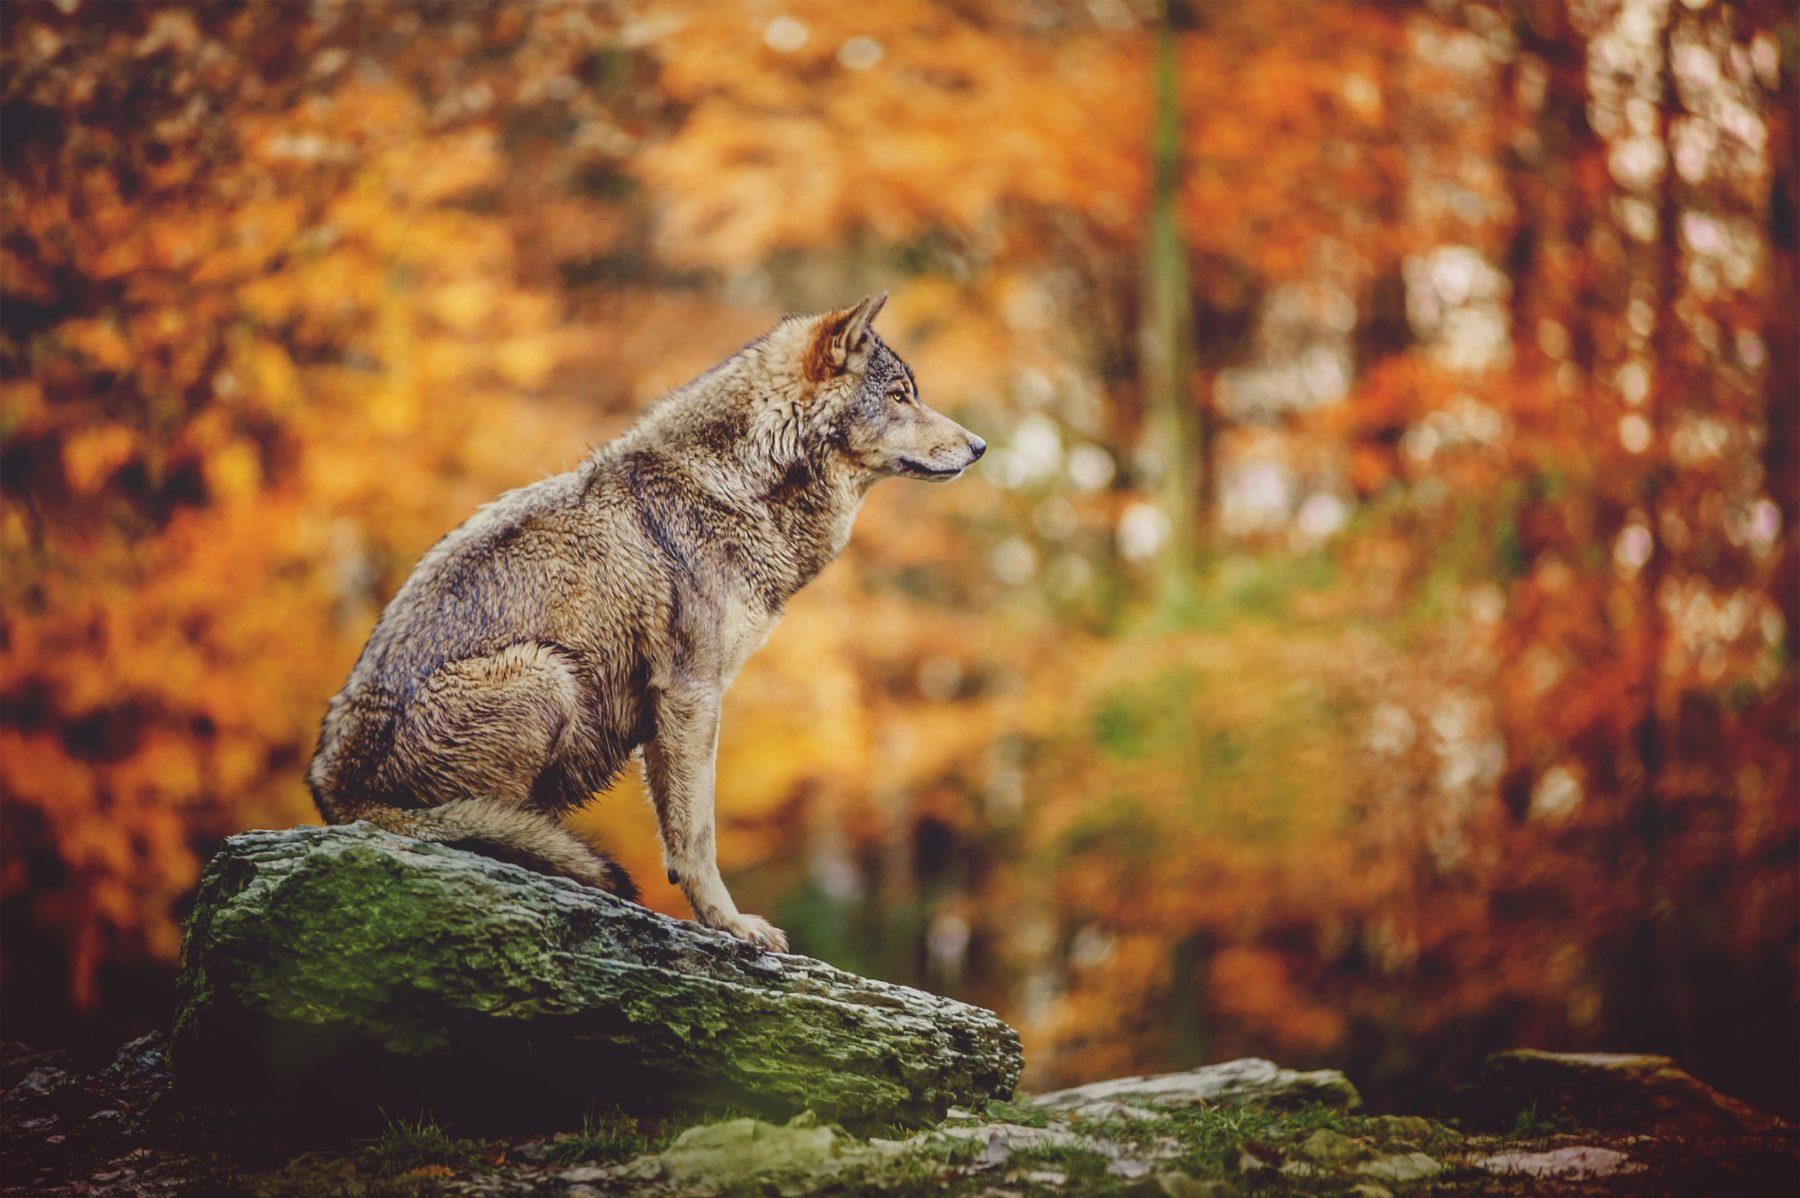 Image symbole : Un loup seul sur un rocher dans une forêt d'automne